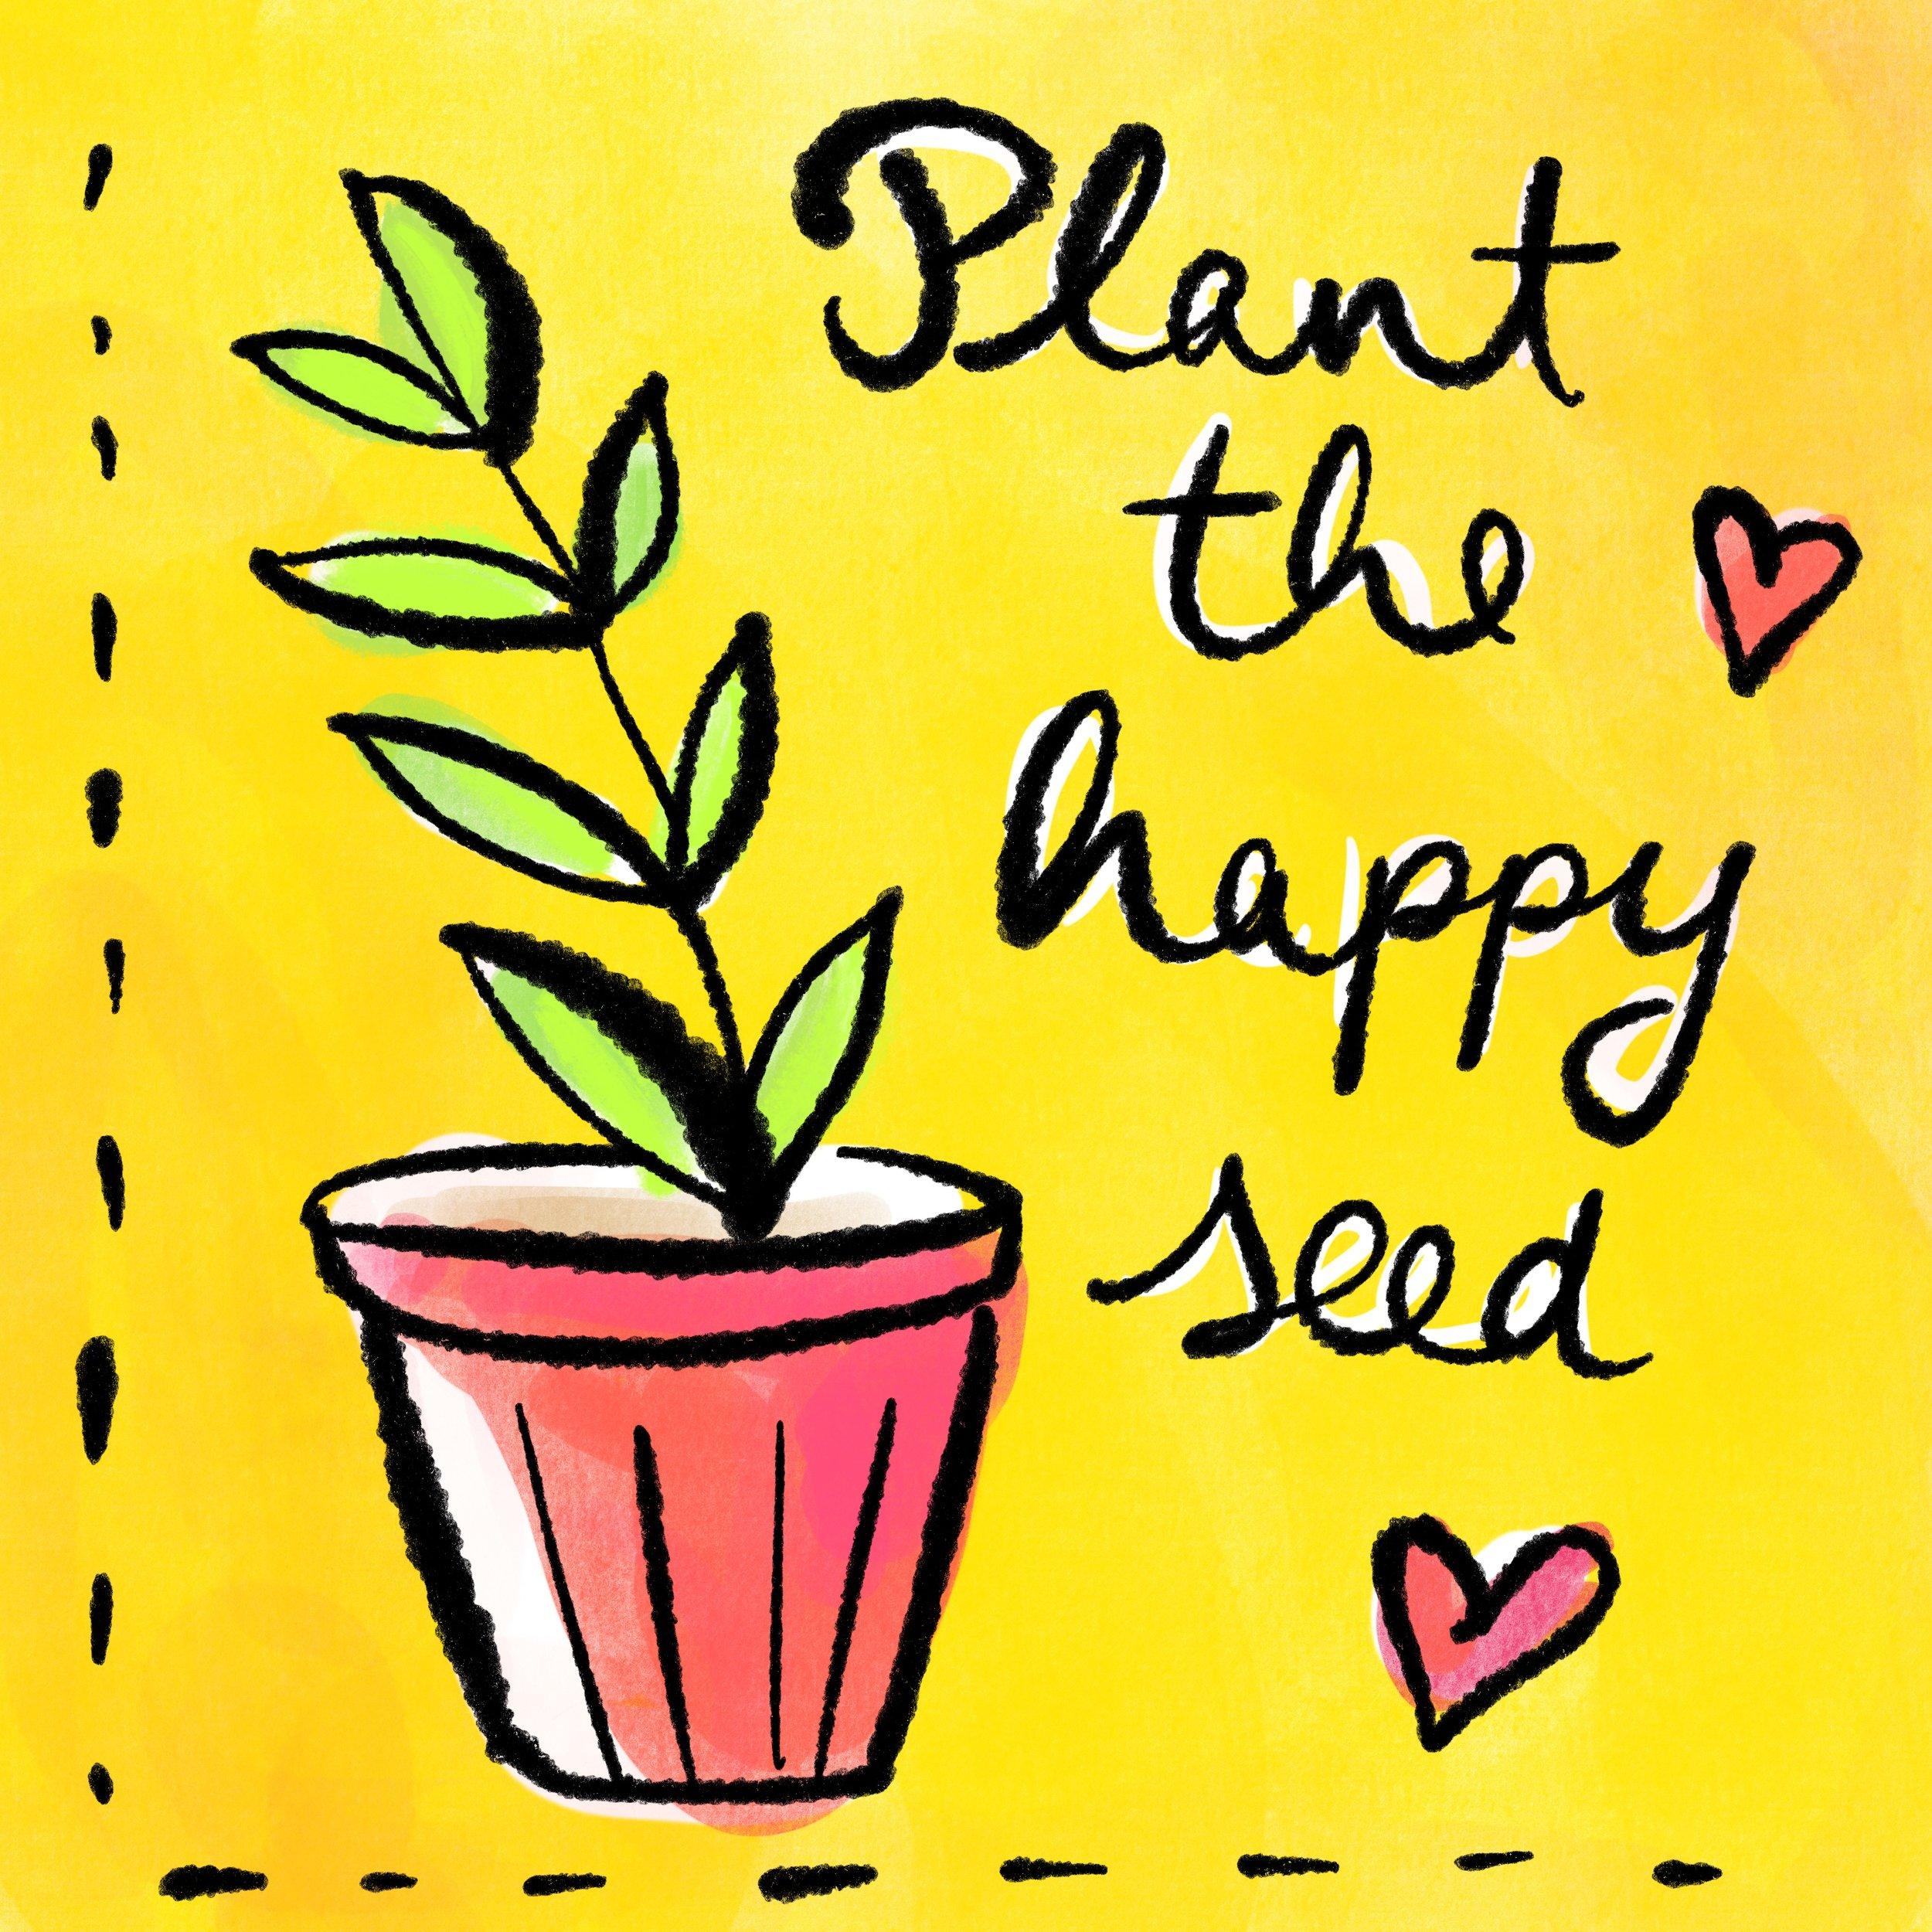 happyseed.jpg